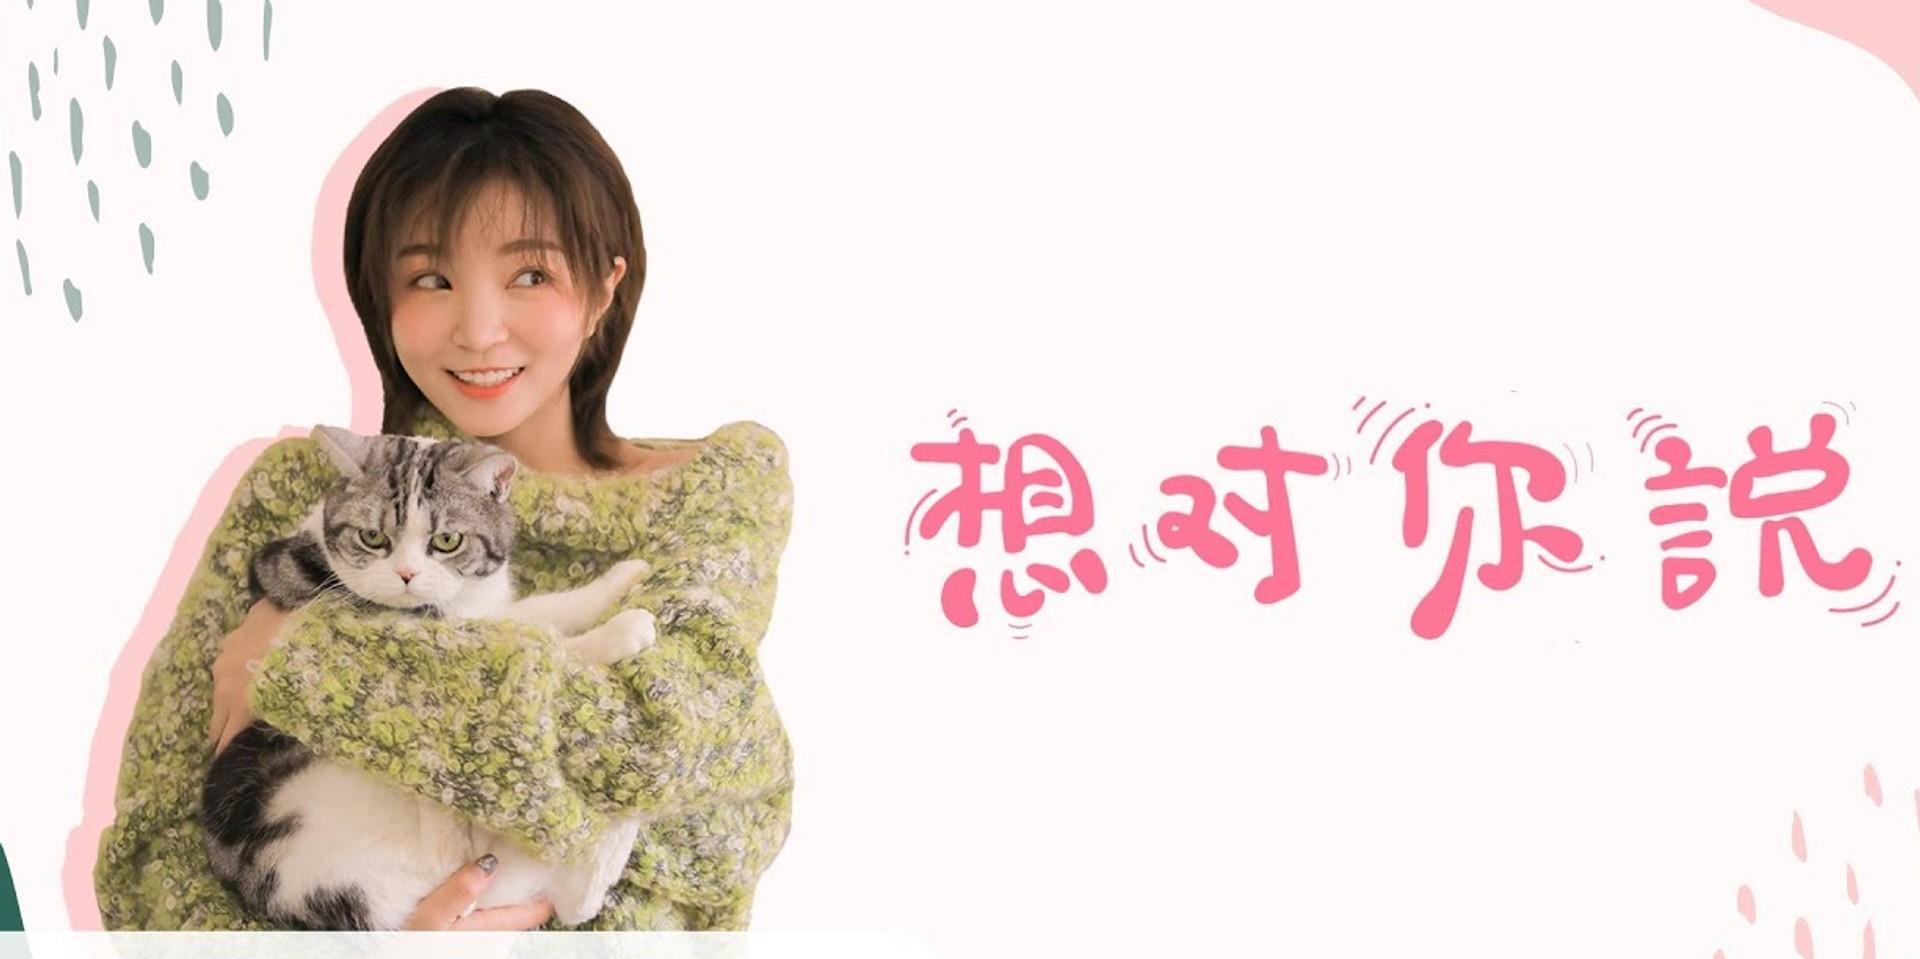 专访:猫系女神小潘潘 新歌《想对你说》出她的甜蜜心事